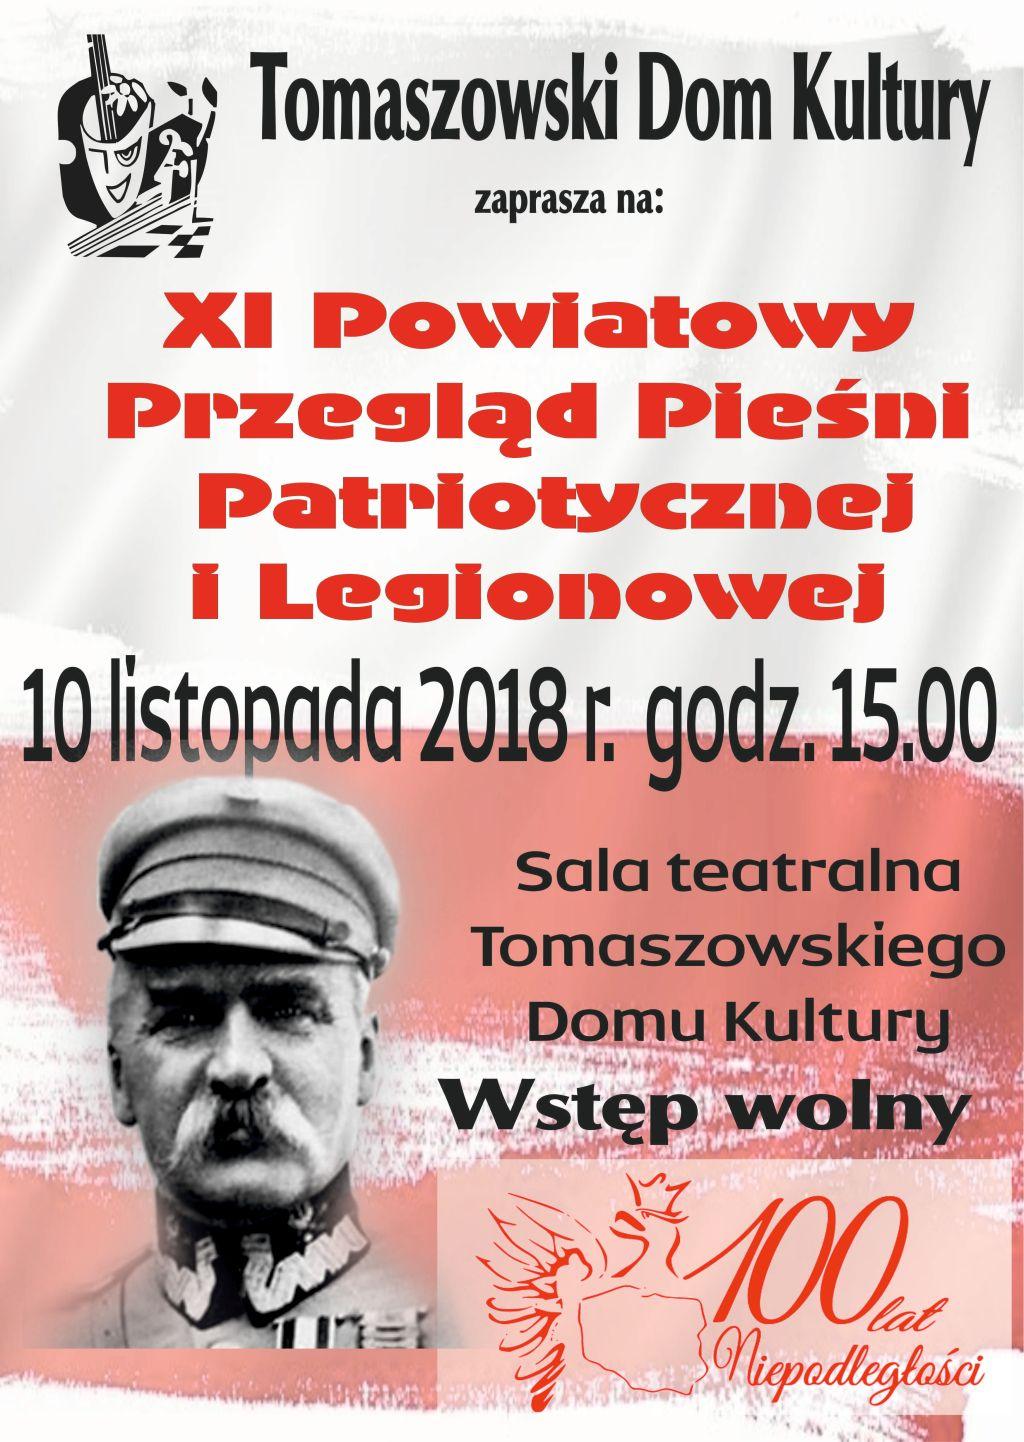 XI Przegląd Pieśni Patriotycznej i Legionowej